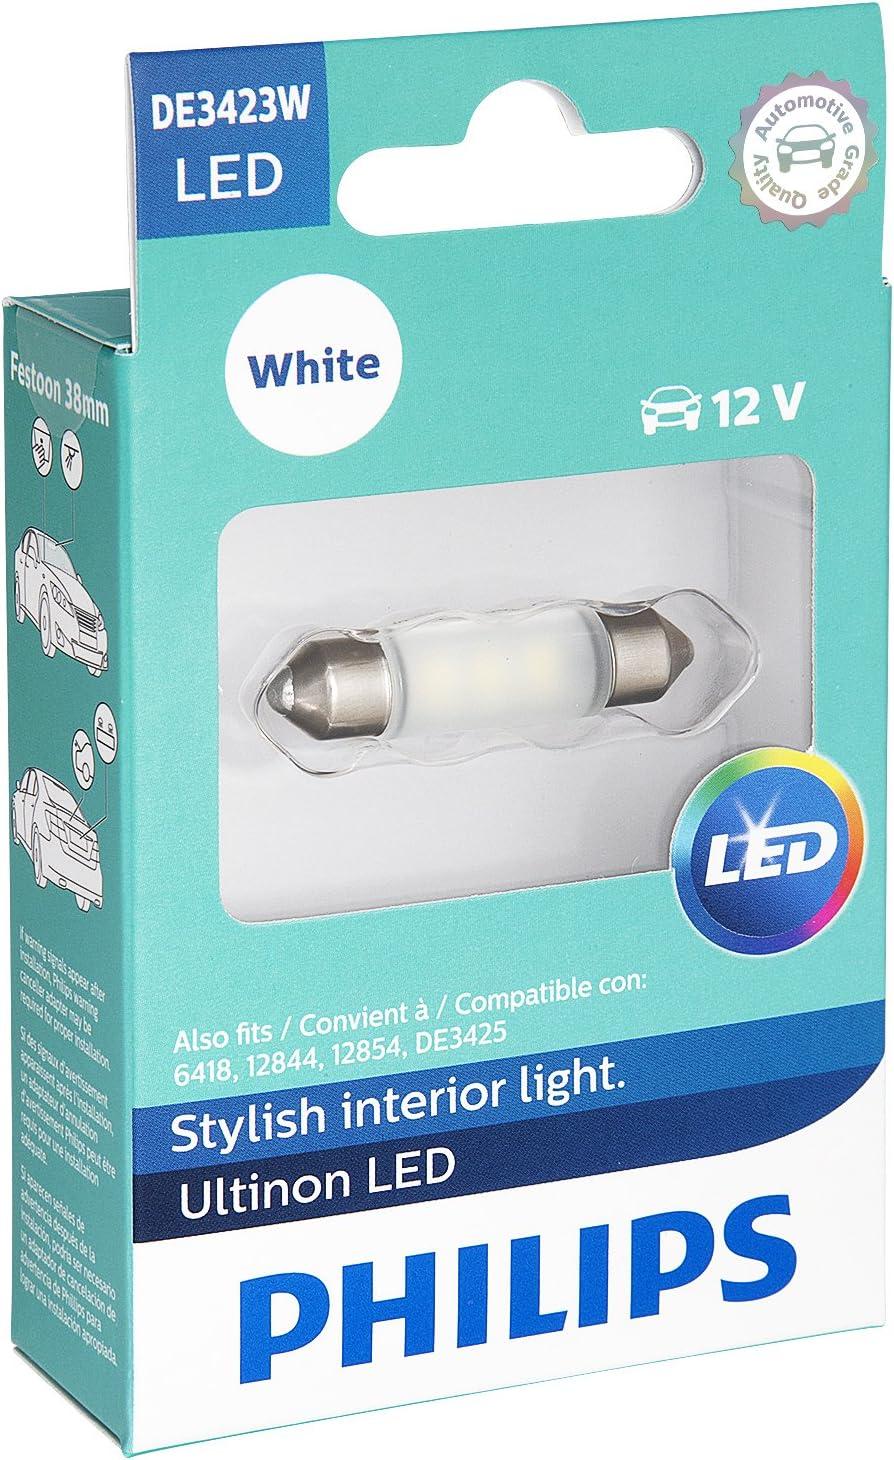 Philips DE3423WLED Ultinon LED Bulb (White), 1 Pack